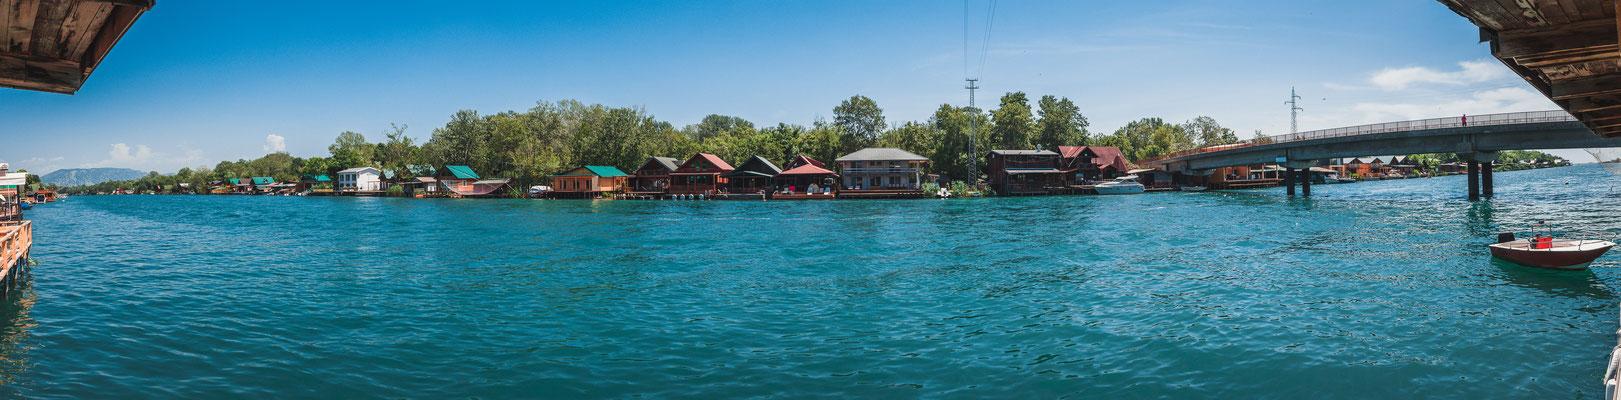 Panorama Blick auf die Restaurants entlang des Flussufers Buna in Ulcinj Montenegro